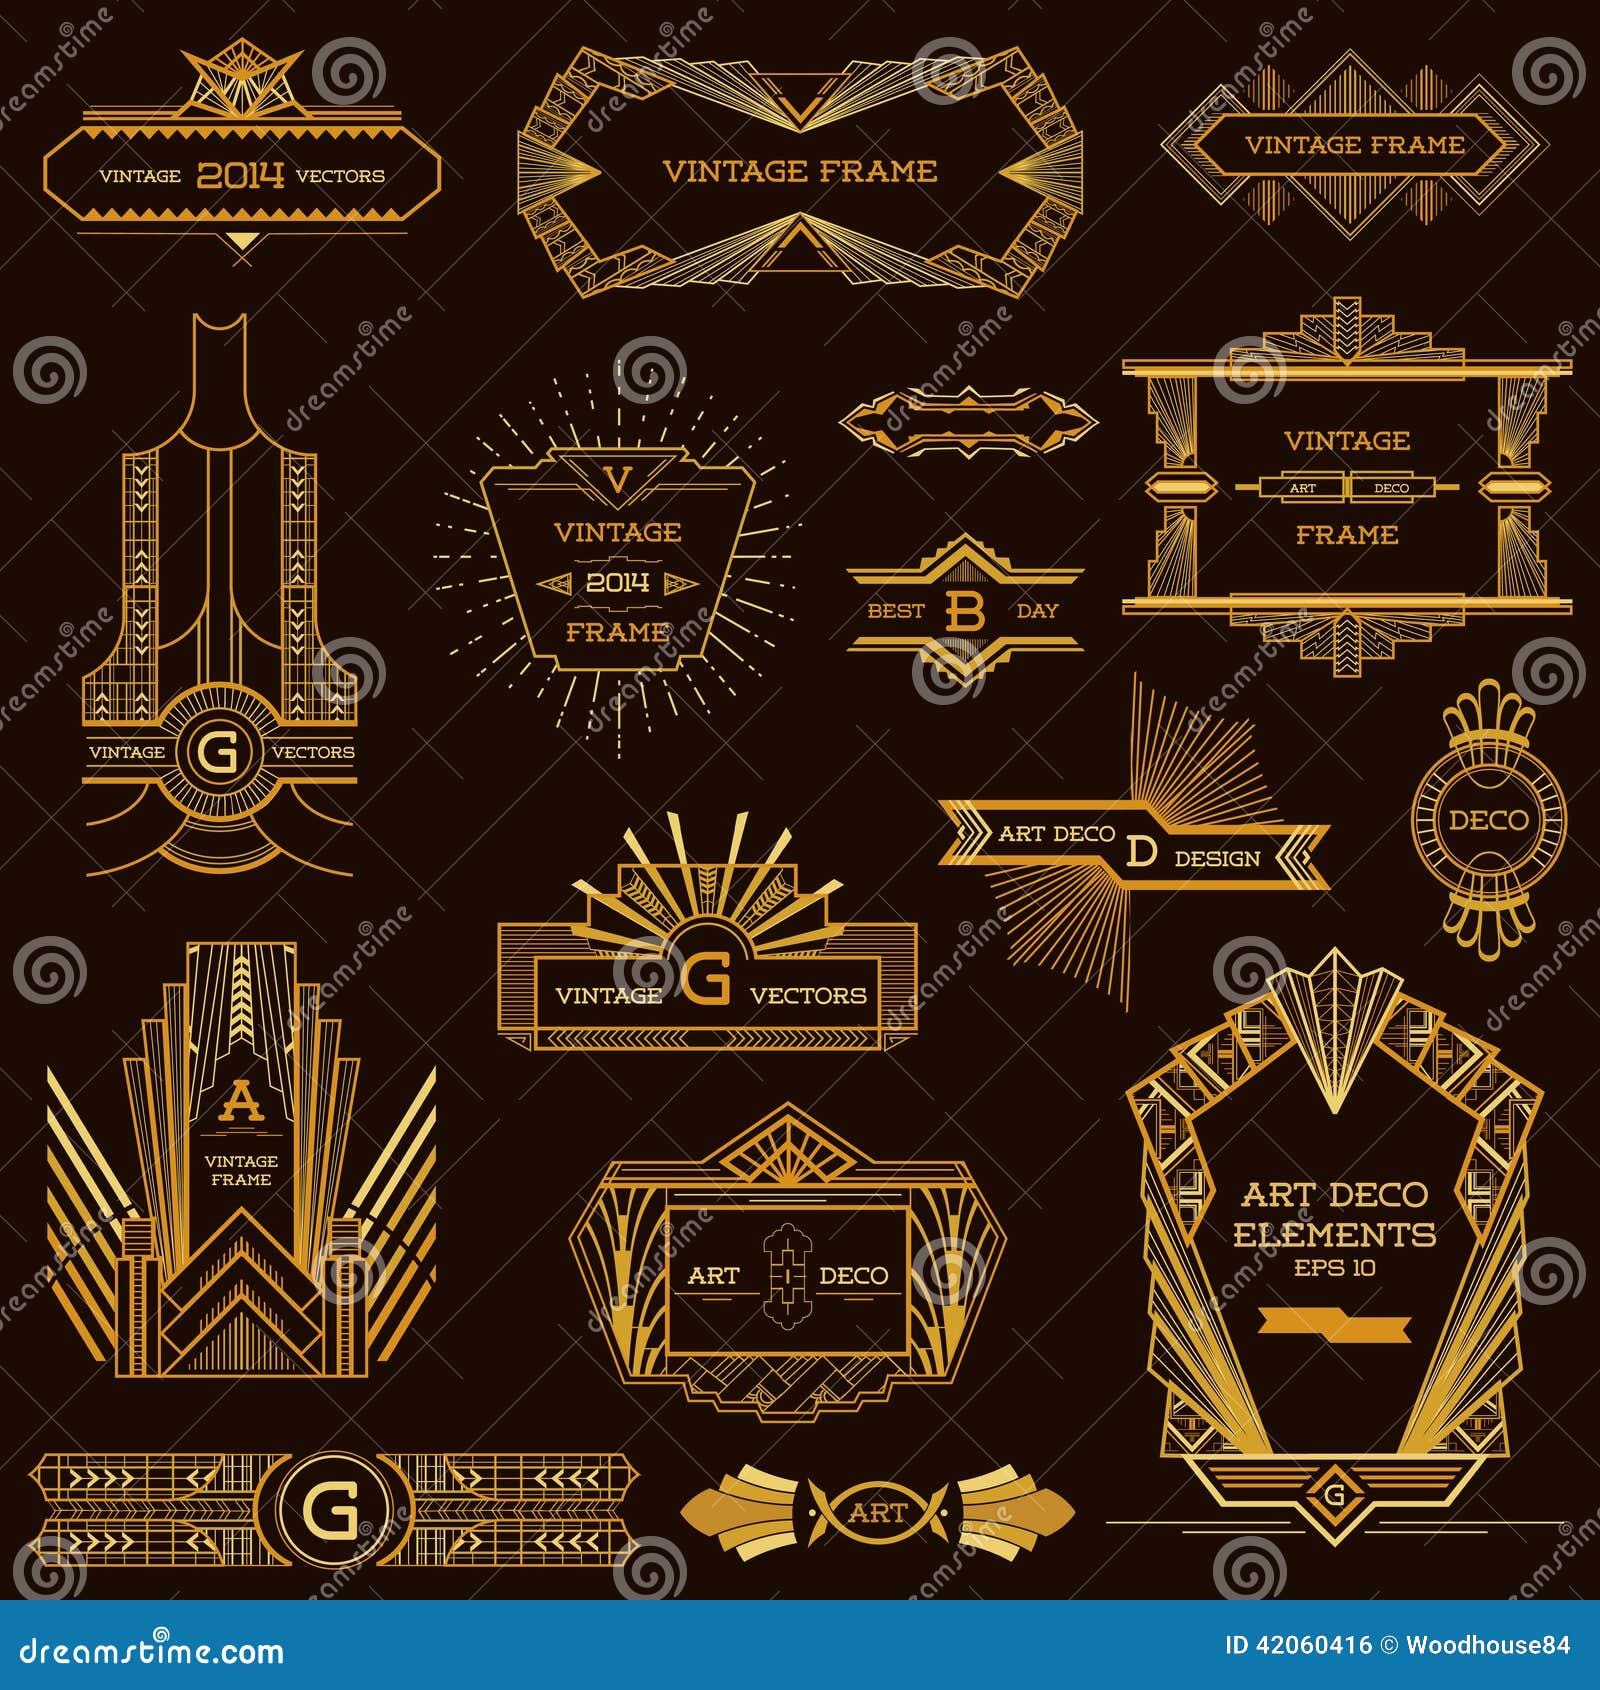 Art Deco Vintage-Rahmen vektor abbildung. Illustration von ...